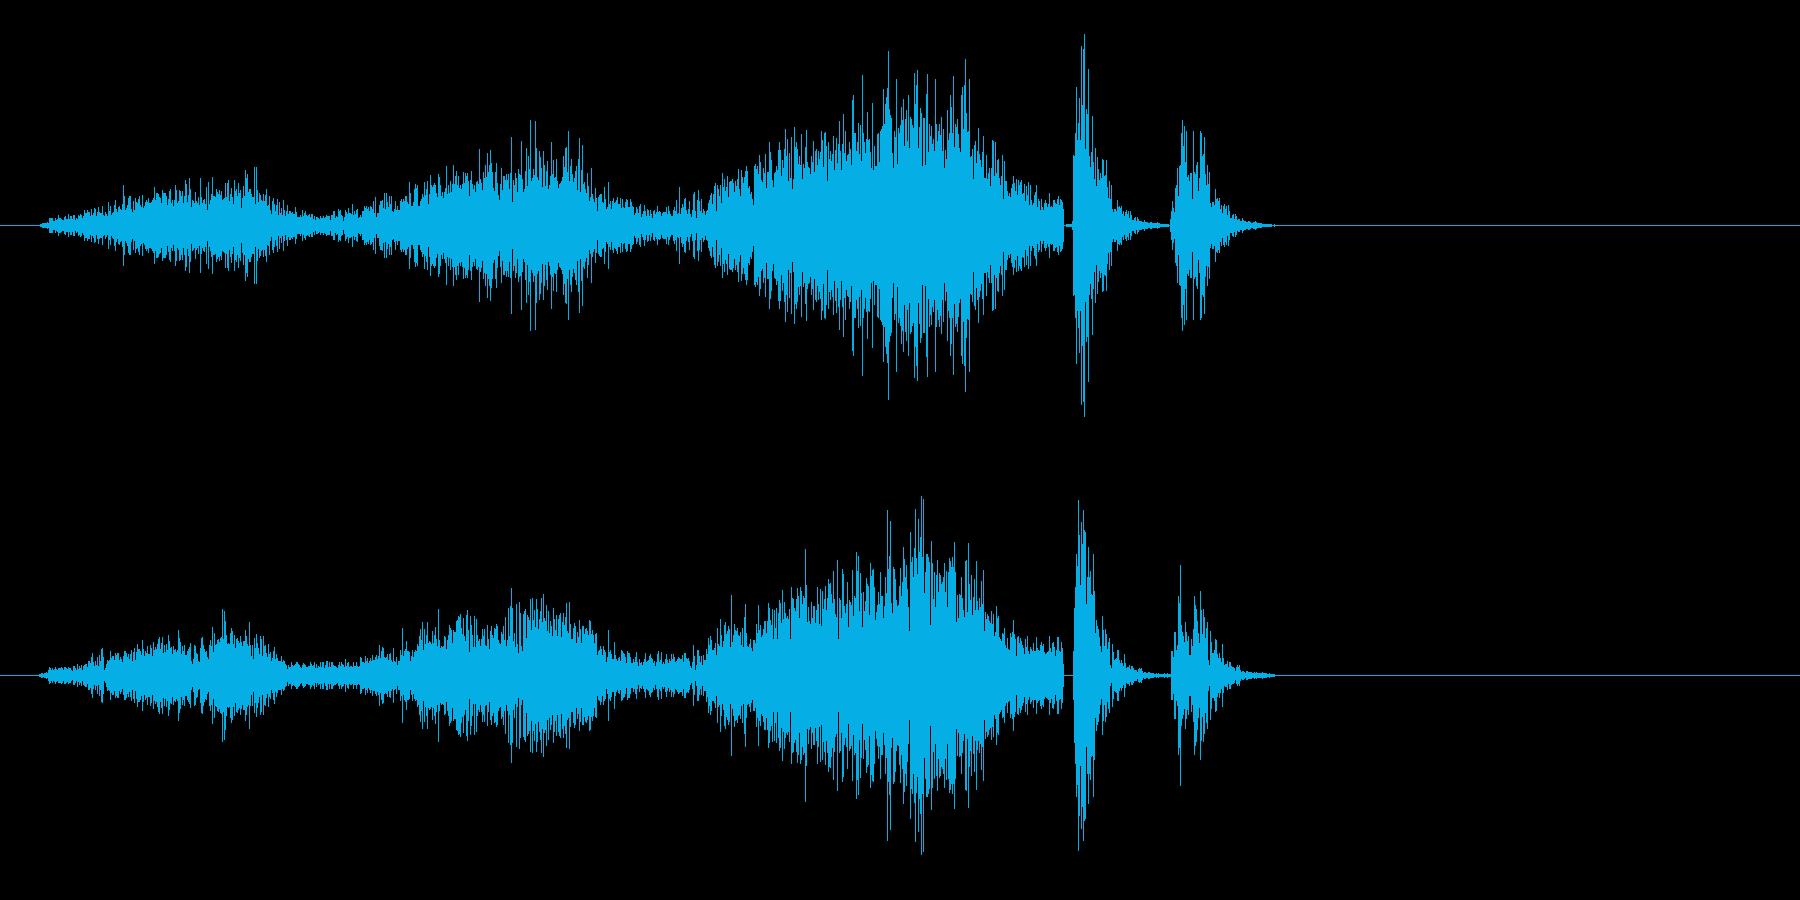 シュルシュルとマシンが停止する音の再生済みの波形